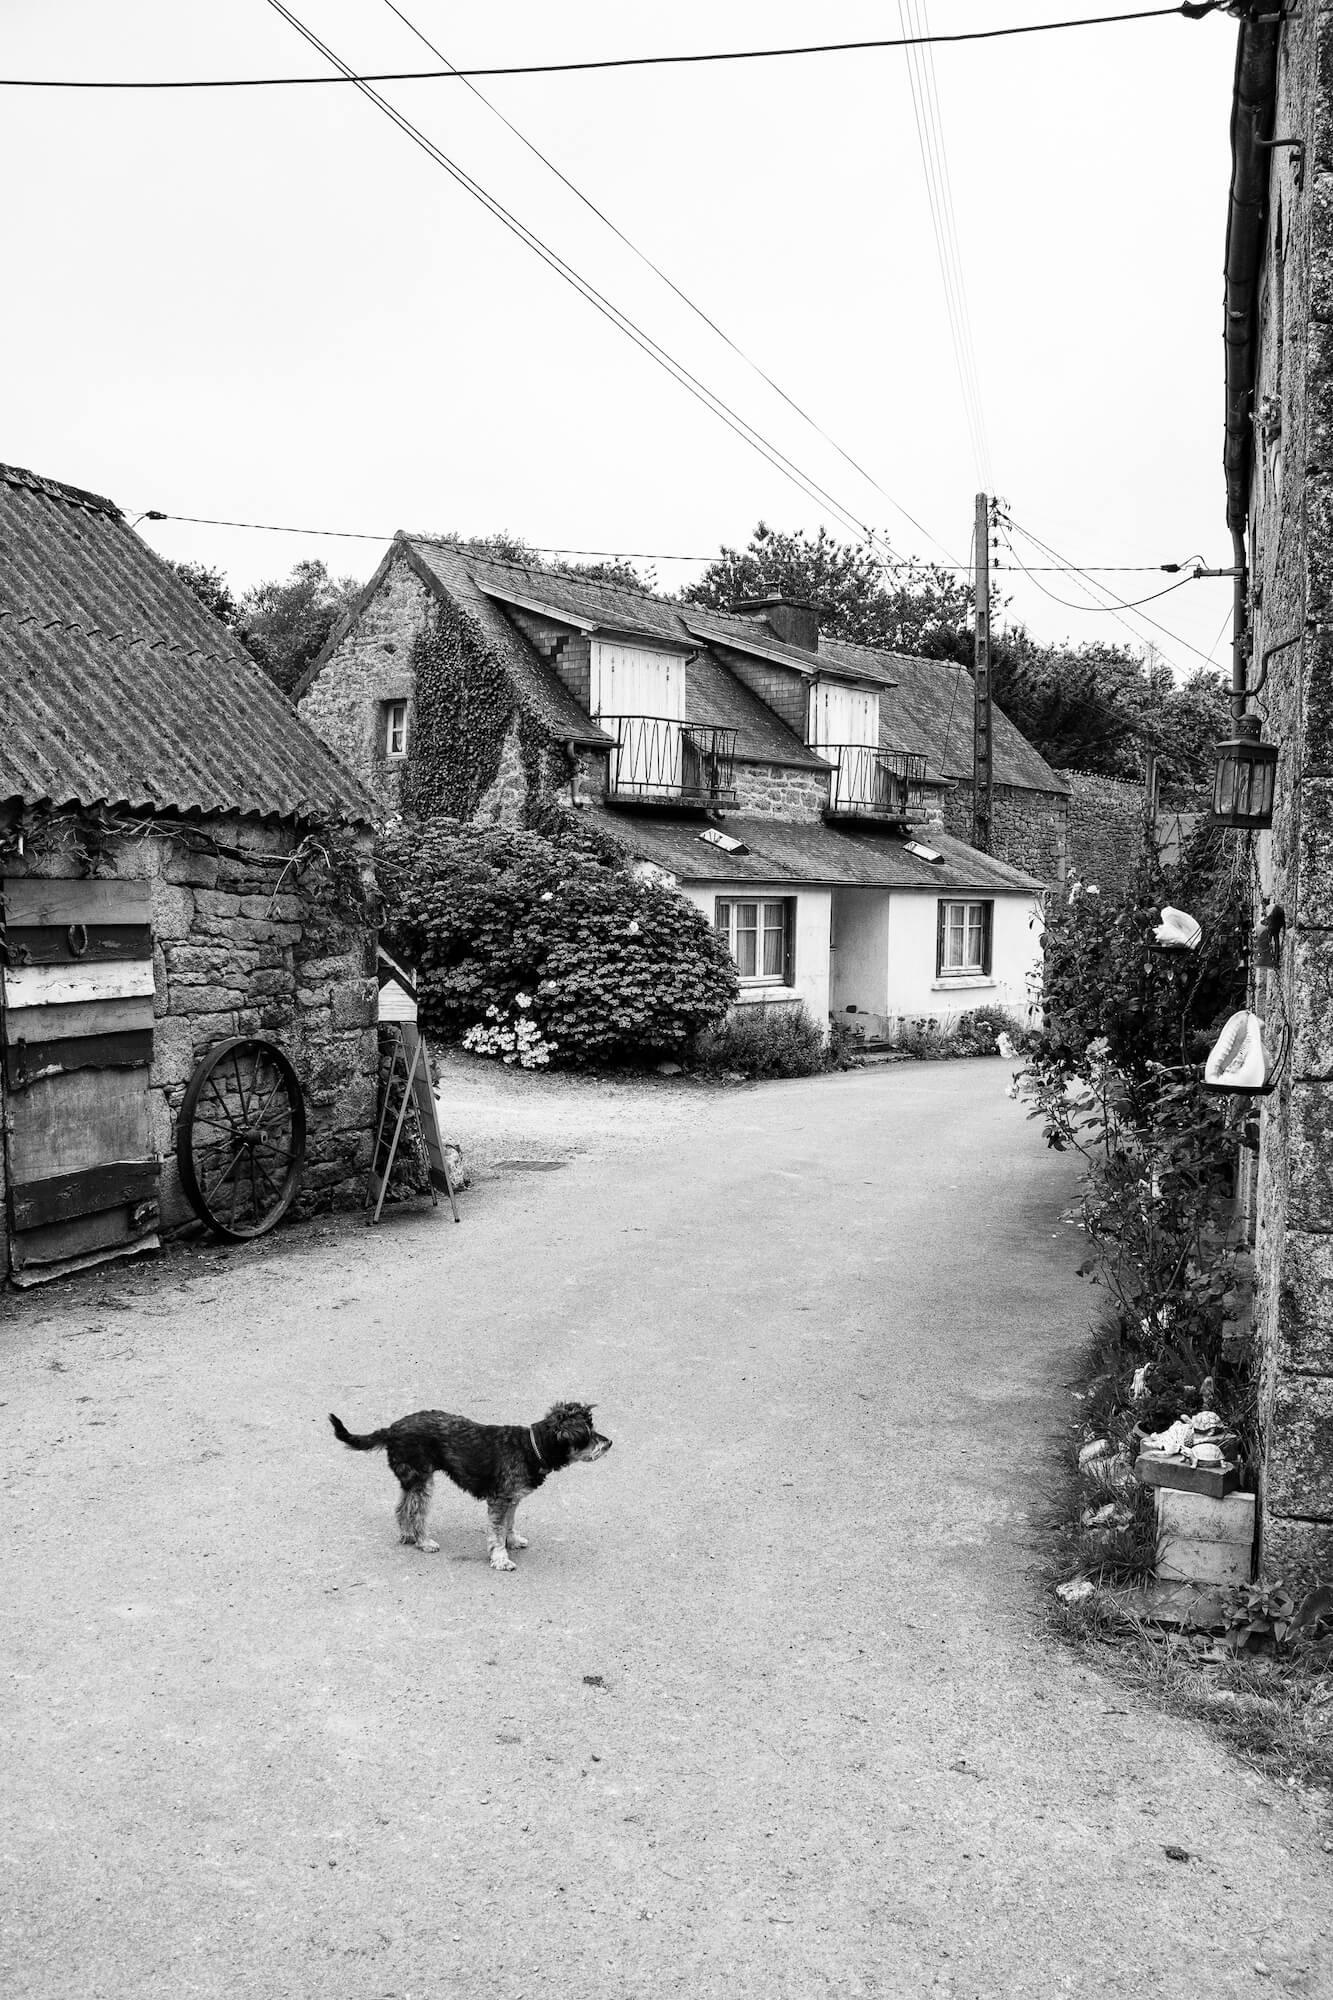 Petit chien au milieu de la rue du hameau de Kérampeulven